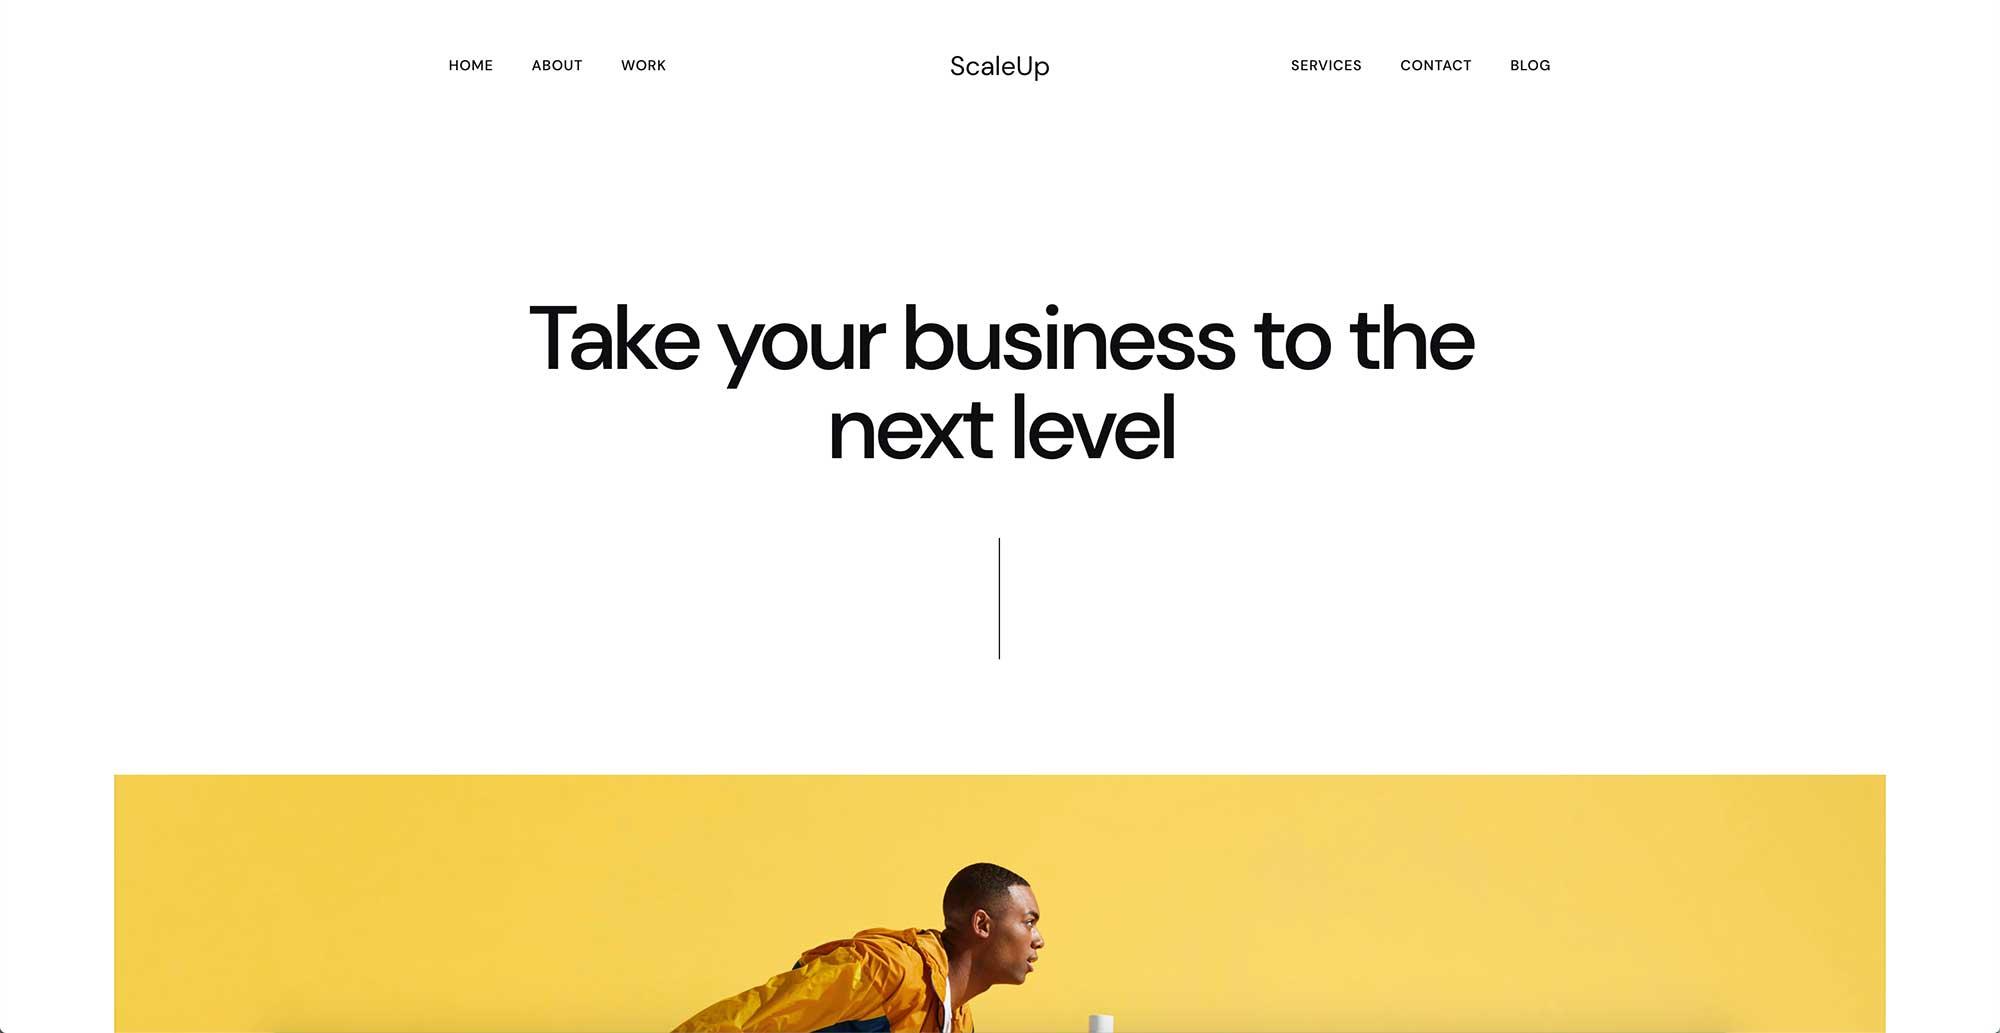 albury web design